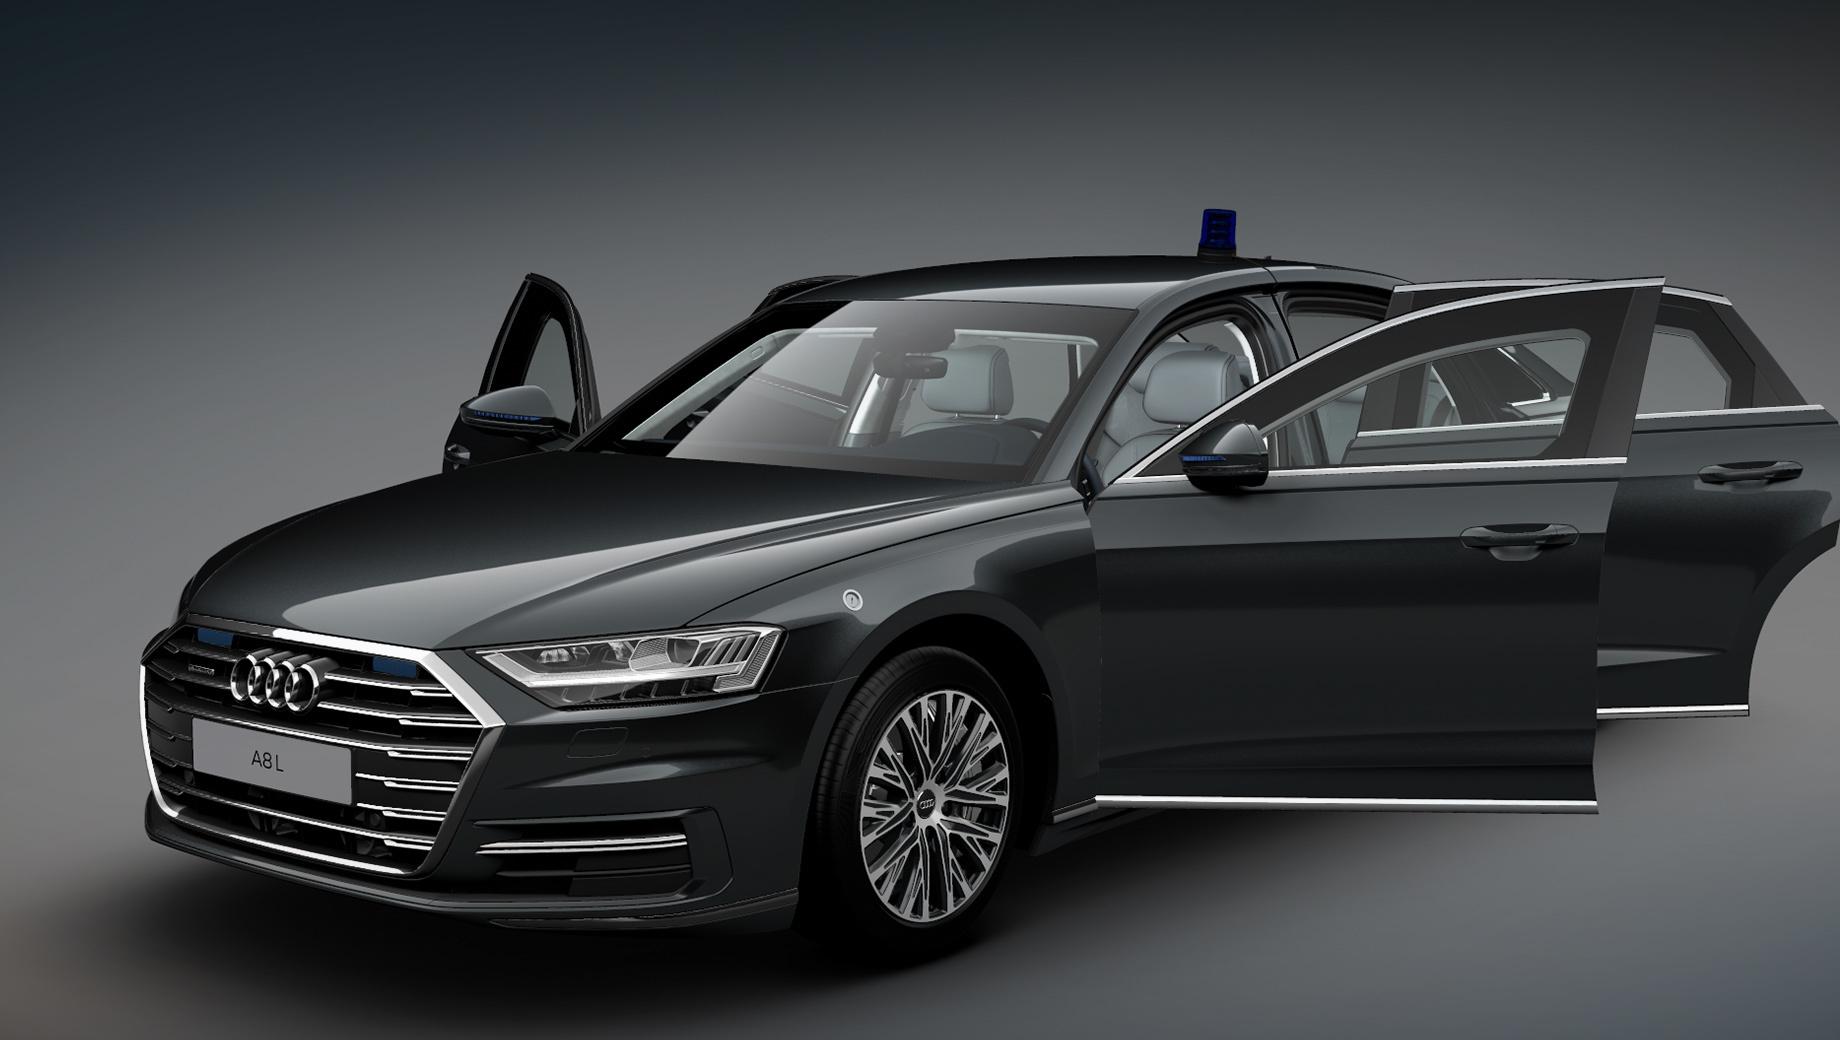 В России открылся приём заказов на броневик Audi A8 L Security